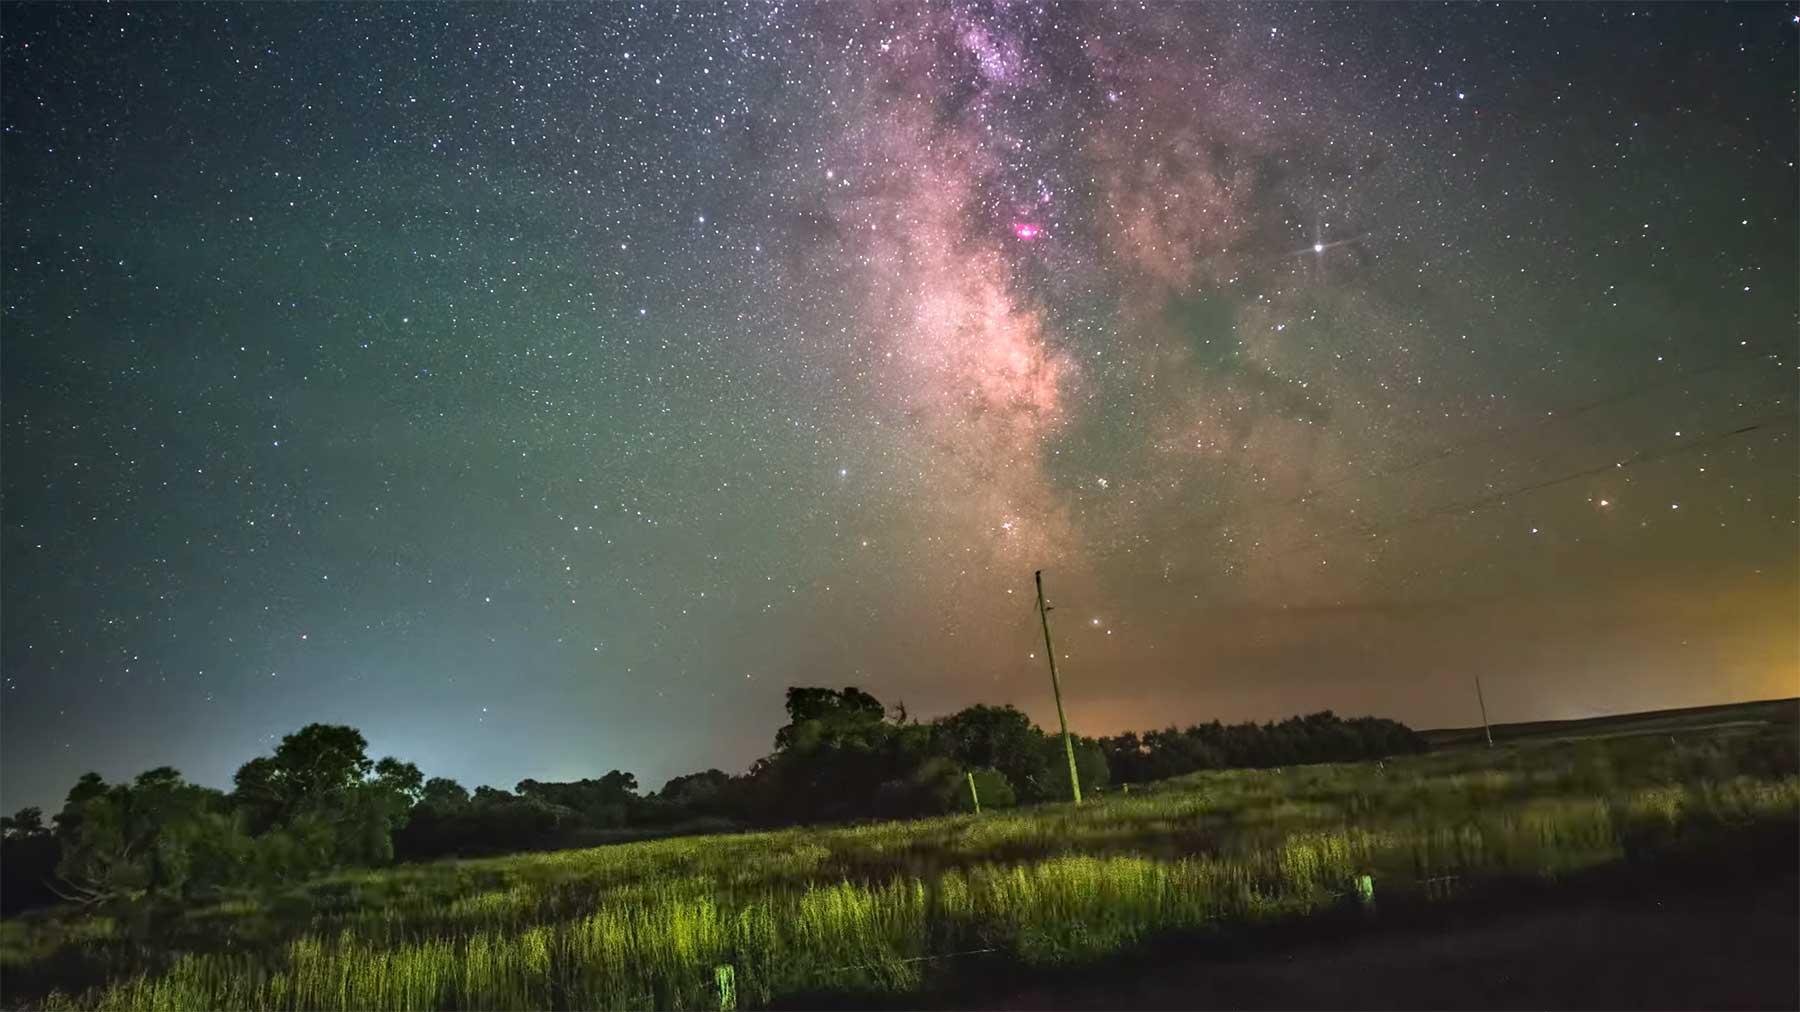 Erddrehungs-Visualisierung durch Milchstraßen-Stabilisierung